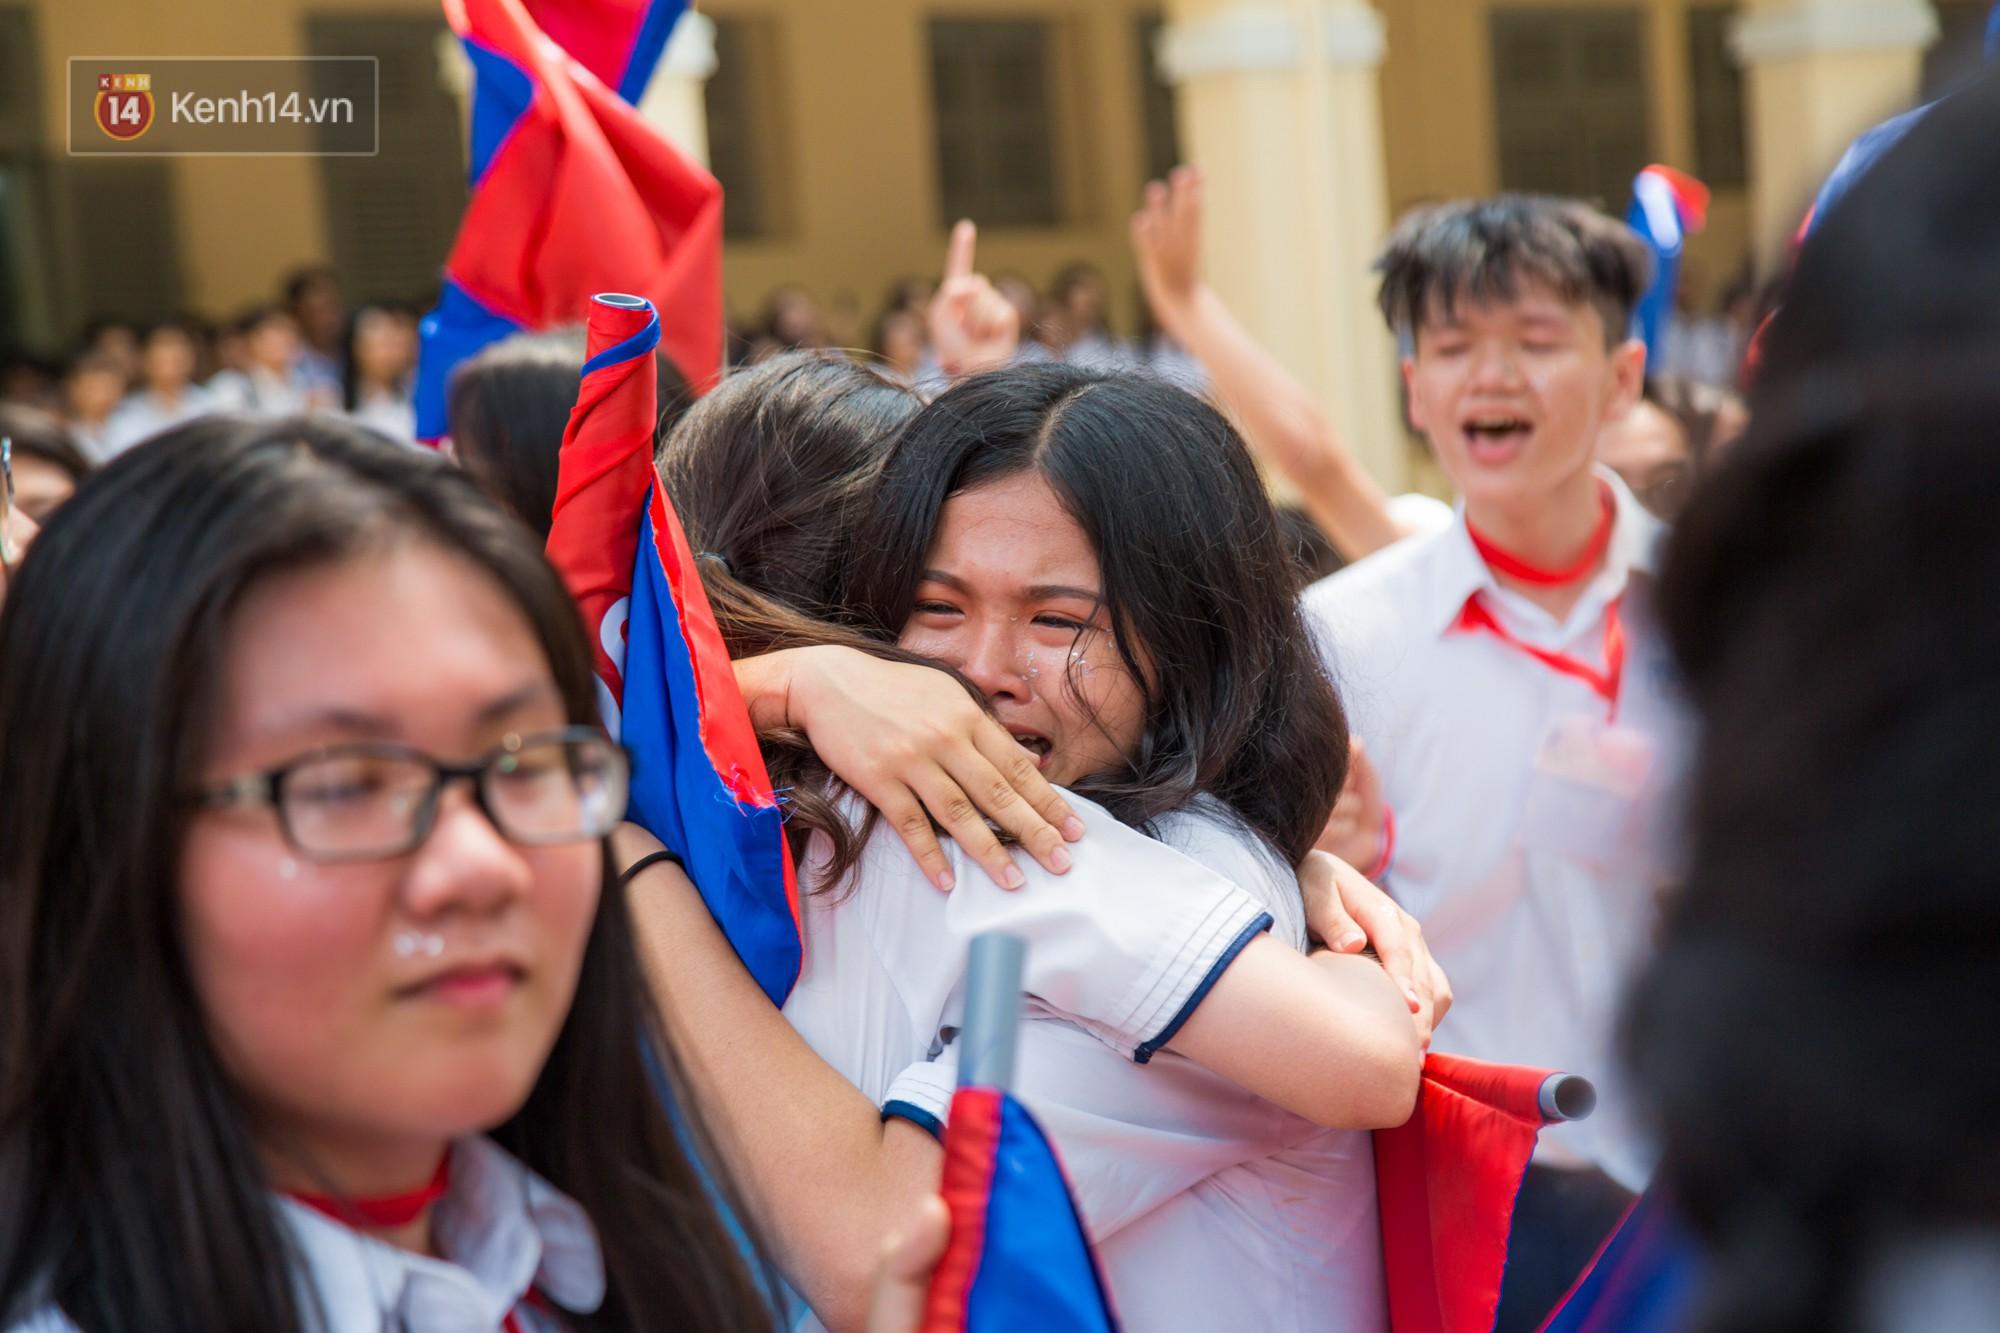 10 năm sau hãy về trường và ôm nhau như lúc này nhé.